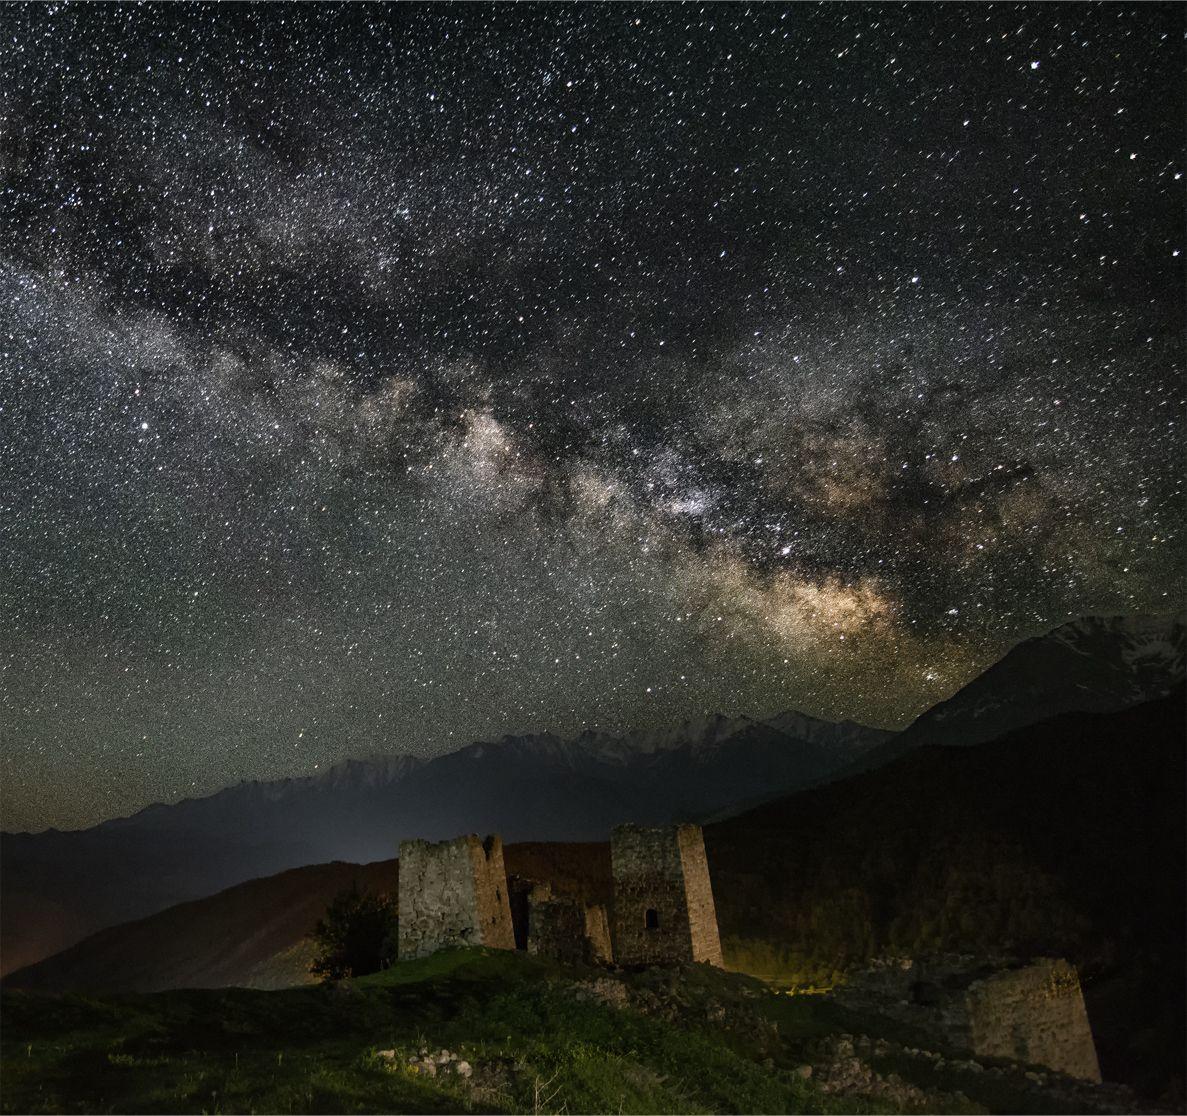 природа, пейзаж, горы, кавказ, природа россии, дикая природа, ночь, звезды, весна, ингушетия, Беляев Альберт